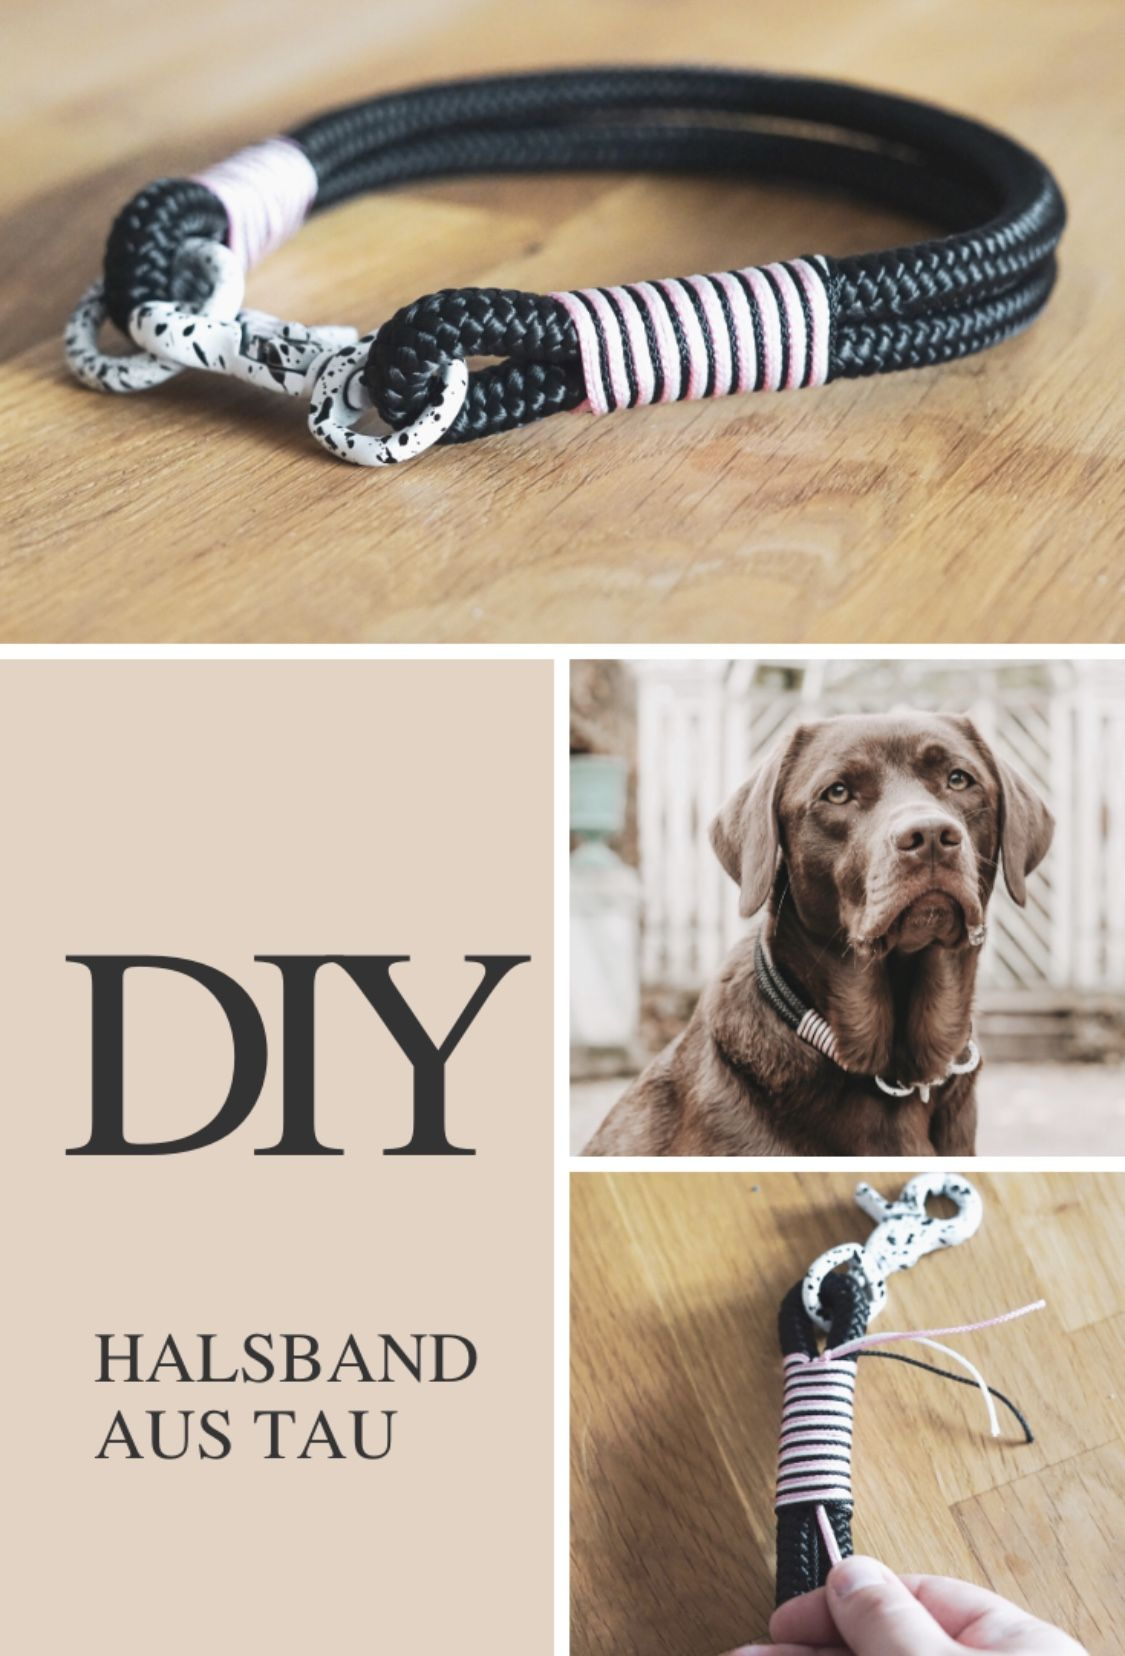 DIY Halsband aus Tau | miDoggy Community